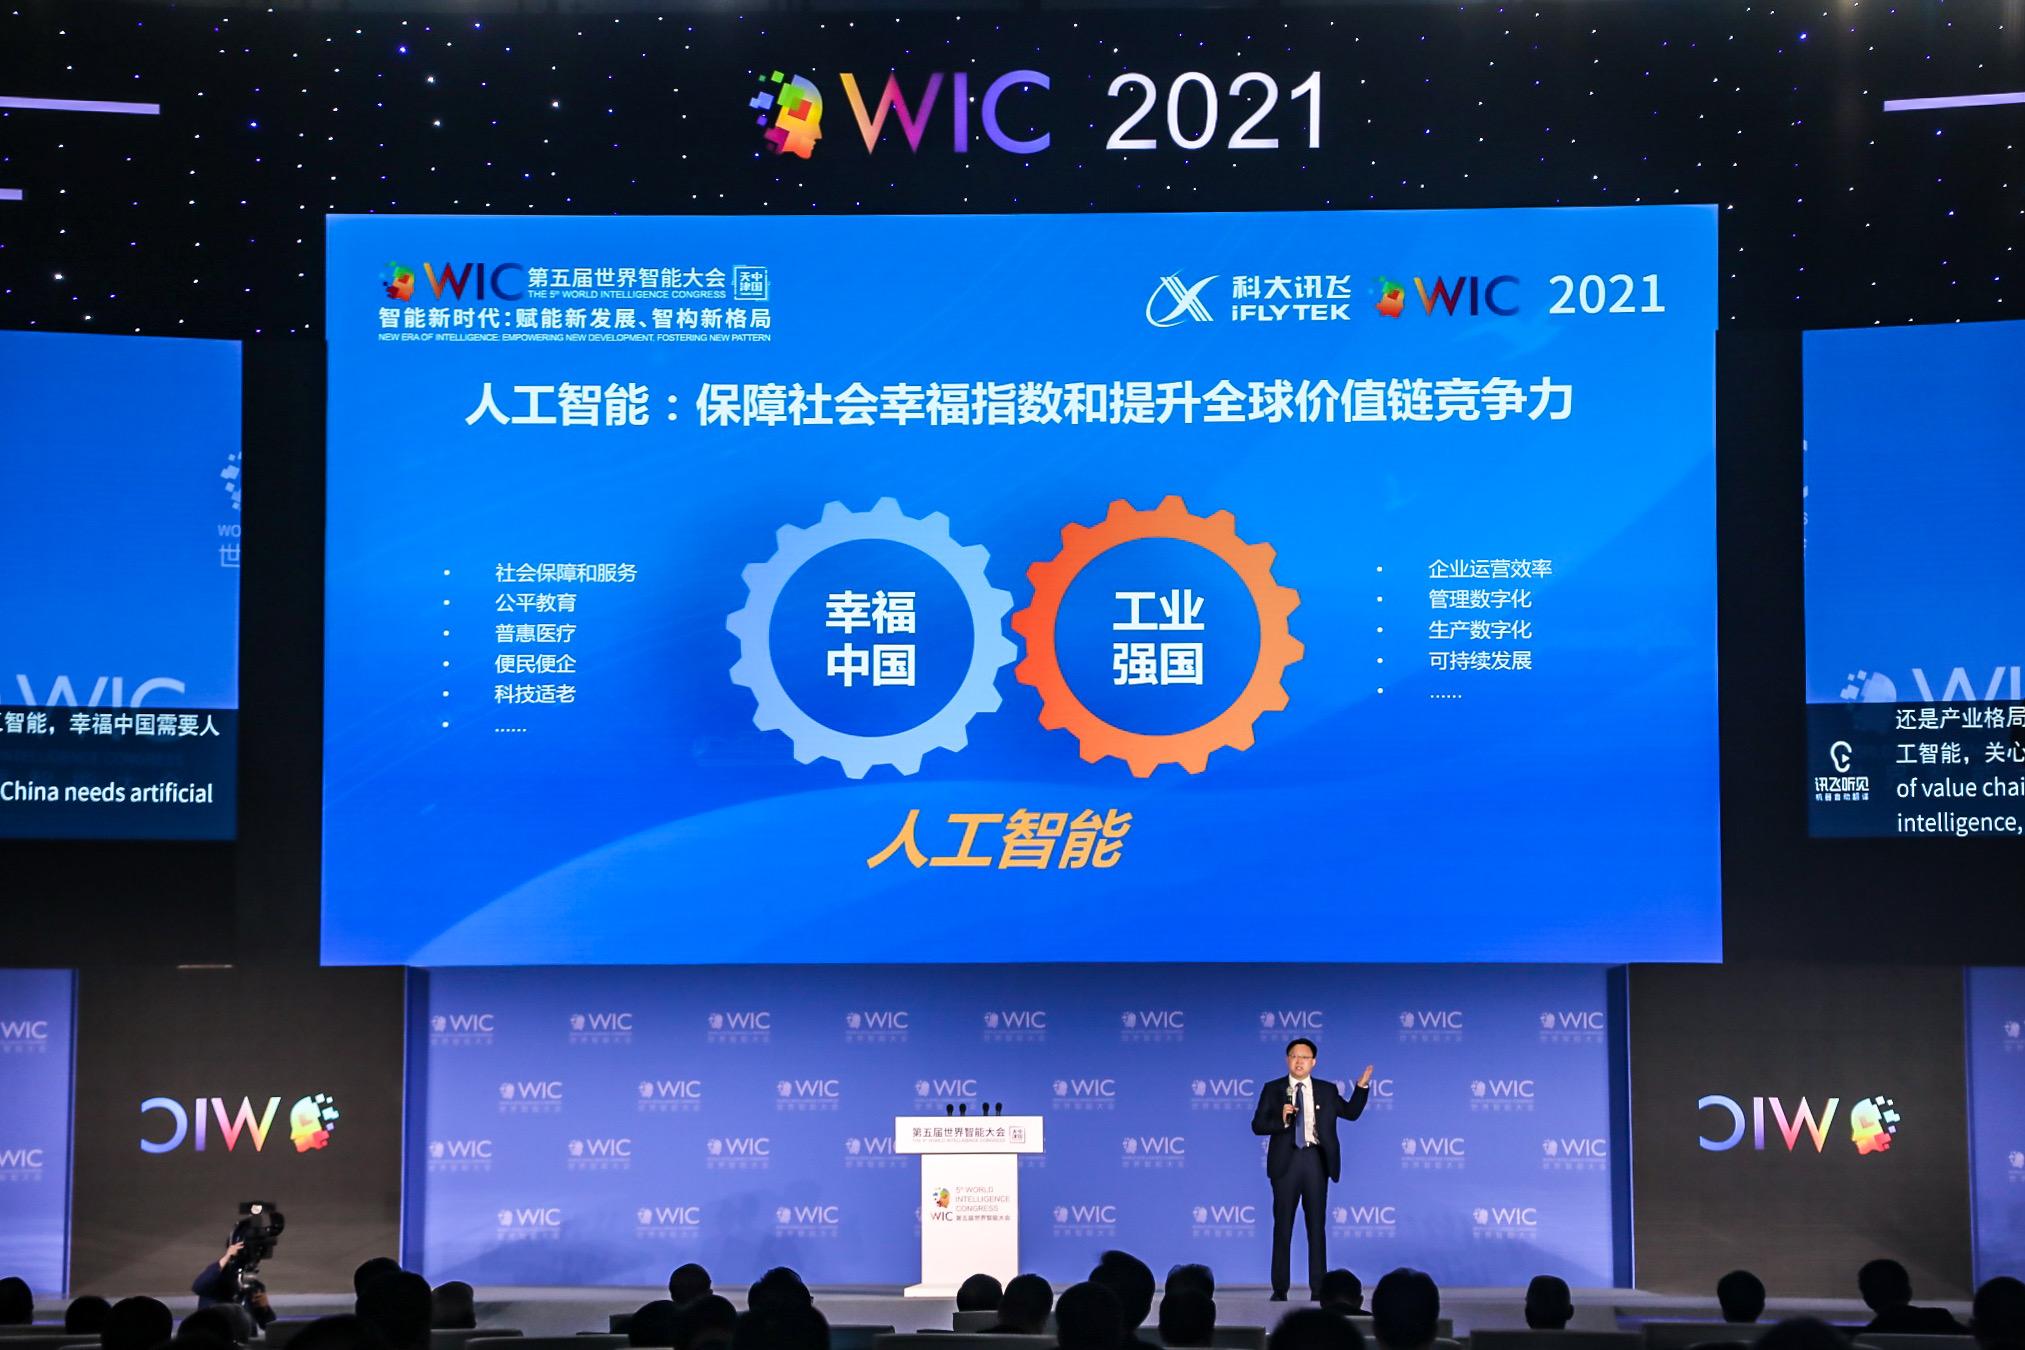 科大讯飞刘庆峰:用人工智能关爱老年群体,让城市更有温度